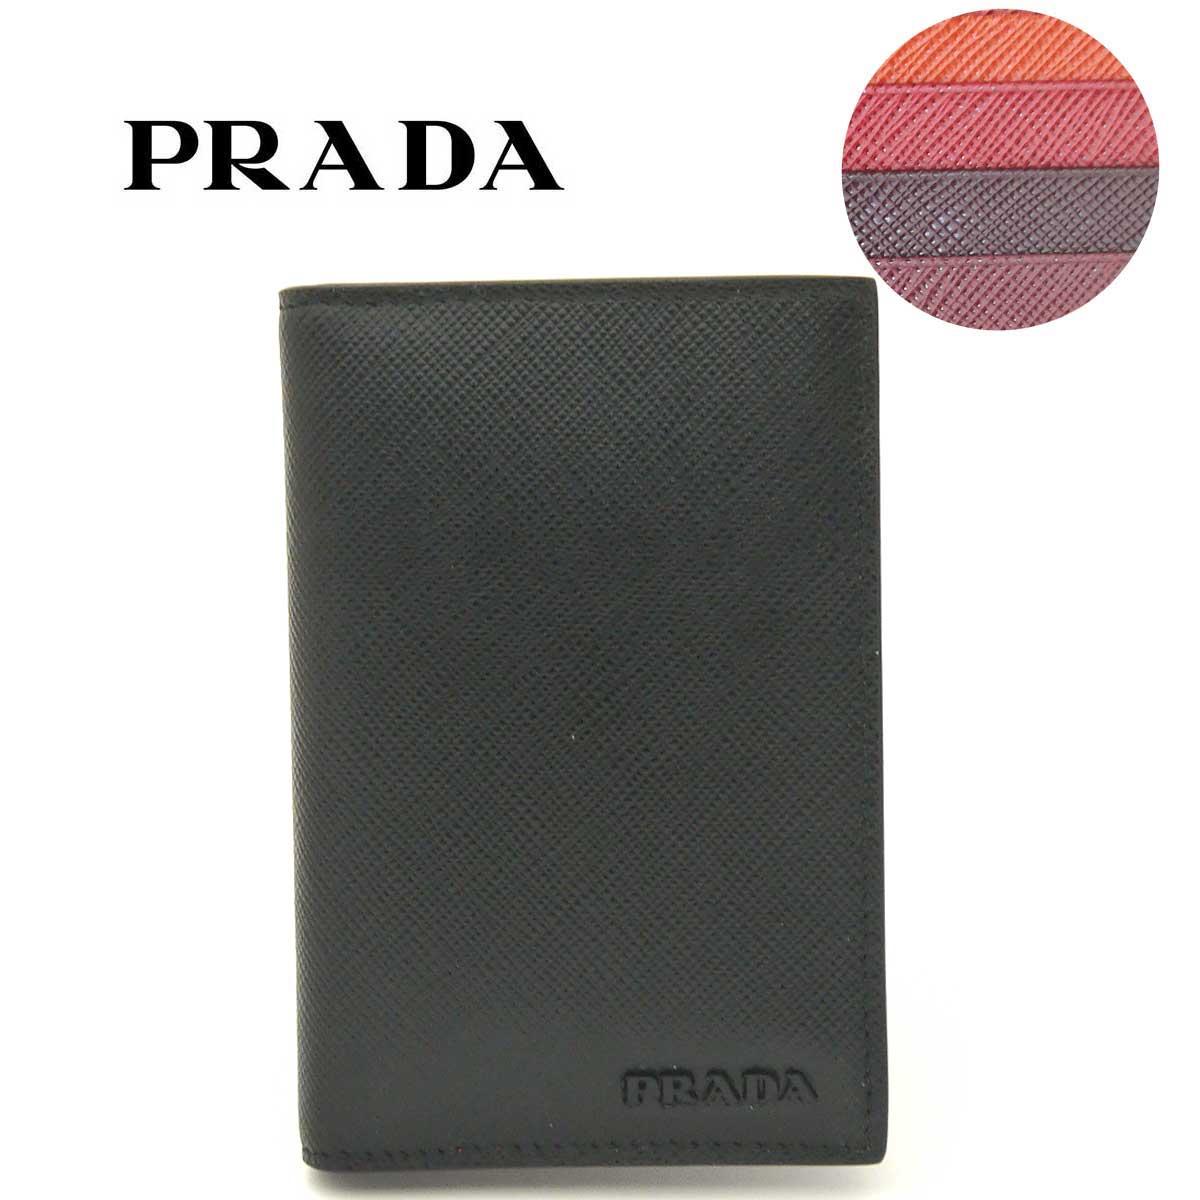 プラダ/PRADA カードケース サフィアーノ ビコローレ 2MC101 ZLP F0ME5 ブラック【即発送可能】